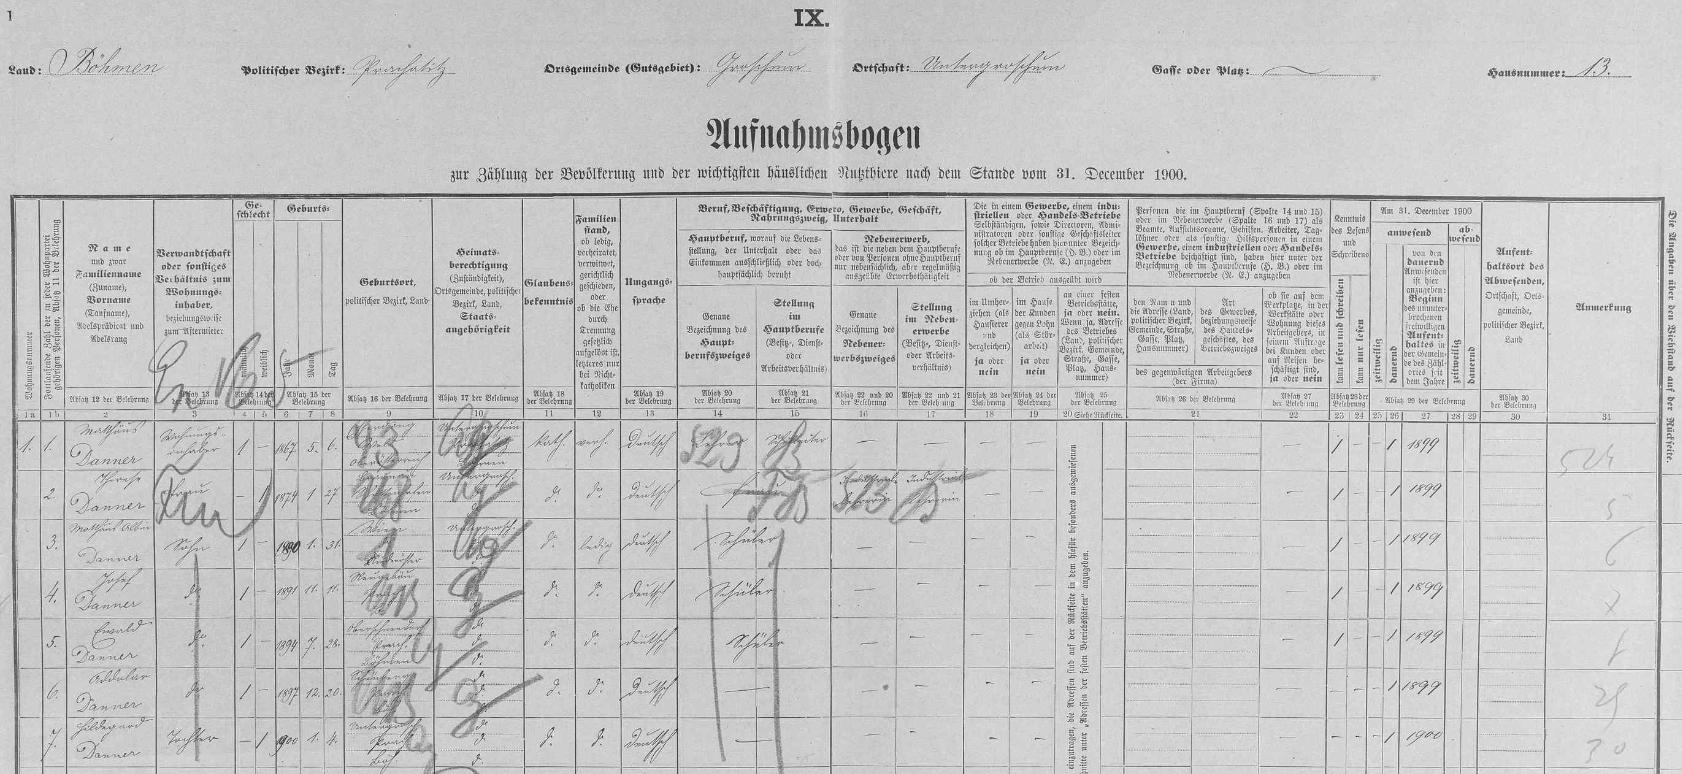 Arch sčítání lidu z roku 1900 pro stavení čp. 13 v Dolních Chrášťanech (Untergroschum) s rodinou Dannerovou, tj. s otcem Matthäusem, matkou Therese (*27. ledna 1874 ve Vranově, okr. Sušice), syny Matthäusem Albisem (*31.ledna 1890 ve Vídni), Josefem (*11. listopadu 1891 v Novém Světě, okr. Prachatice), Ewaldem (*28. července 1894 v Horní Sněžné, okr. Prachatice), Addolarem (*20. prosince 1897 v Krásné Hoře, okr. Prachatice) a dcerou Hildegard (*1. dubna 1900 v Dolních Chrášťanech)